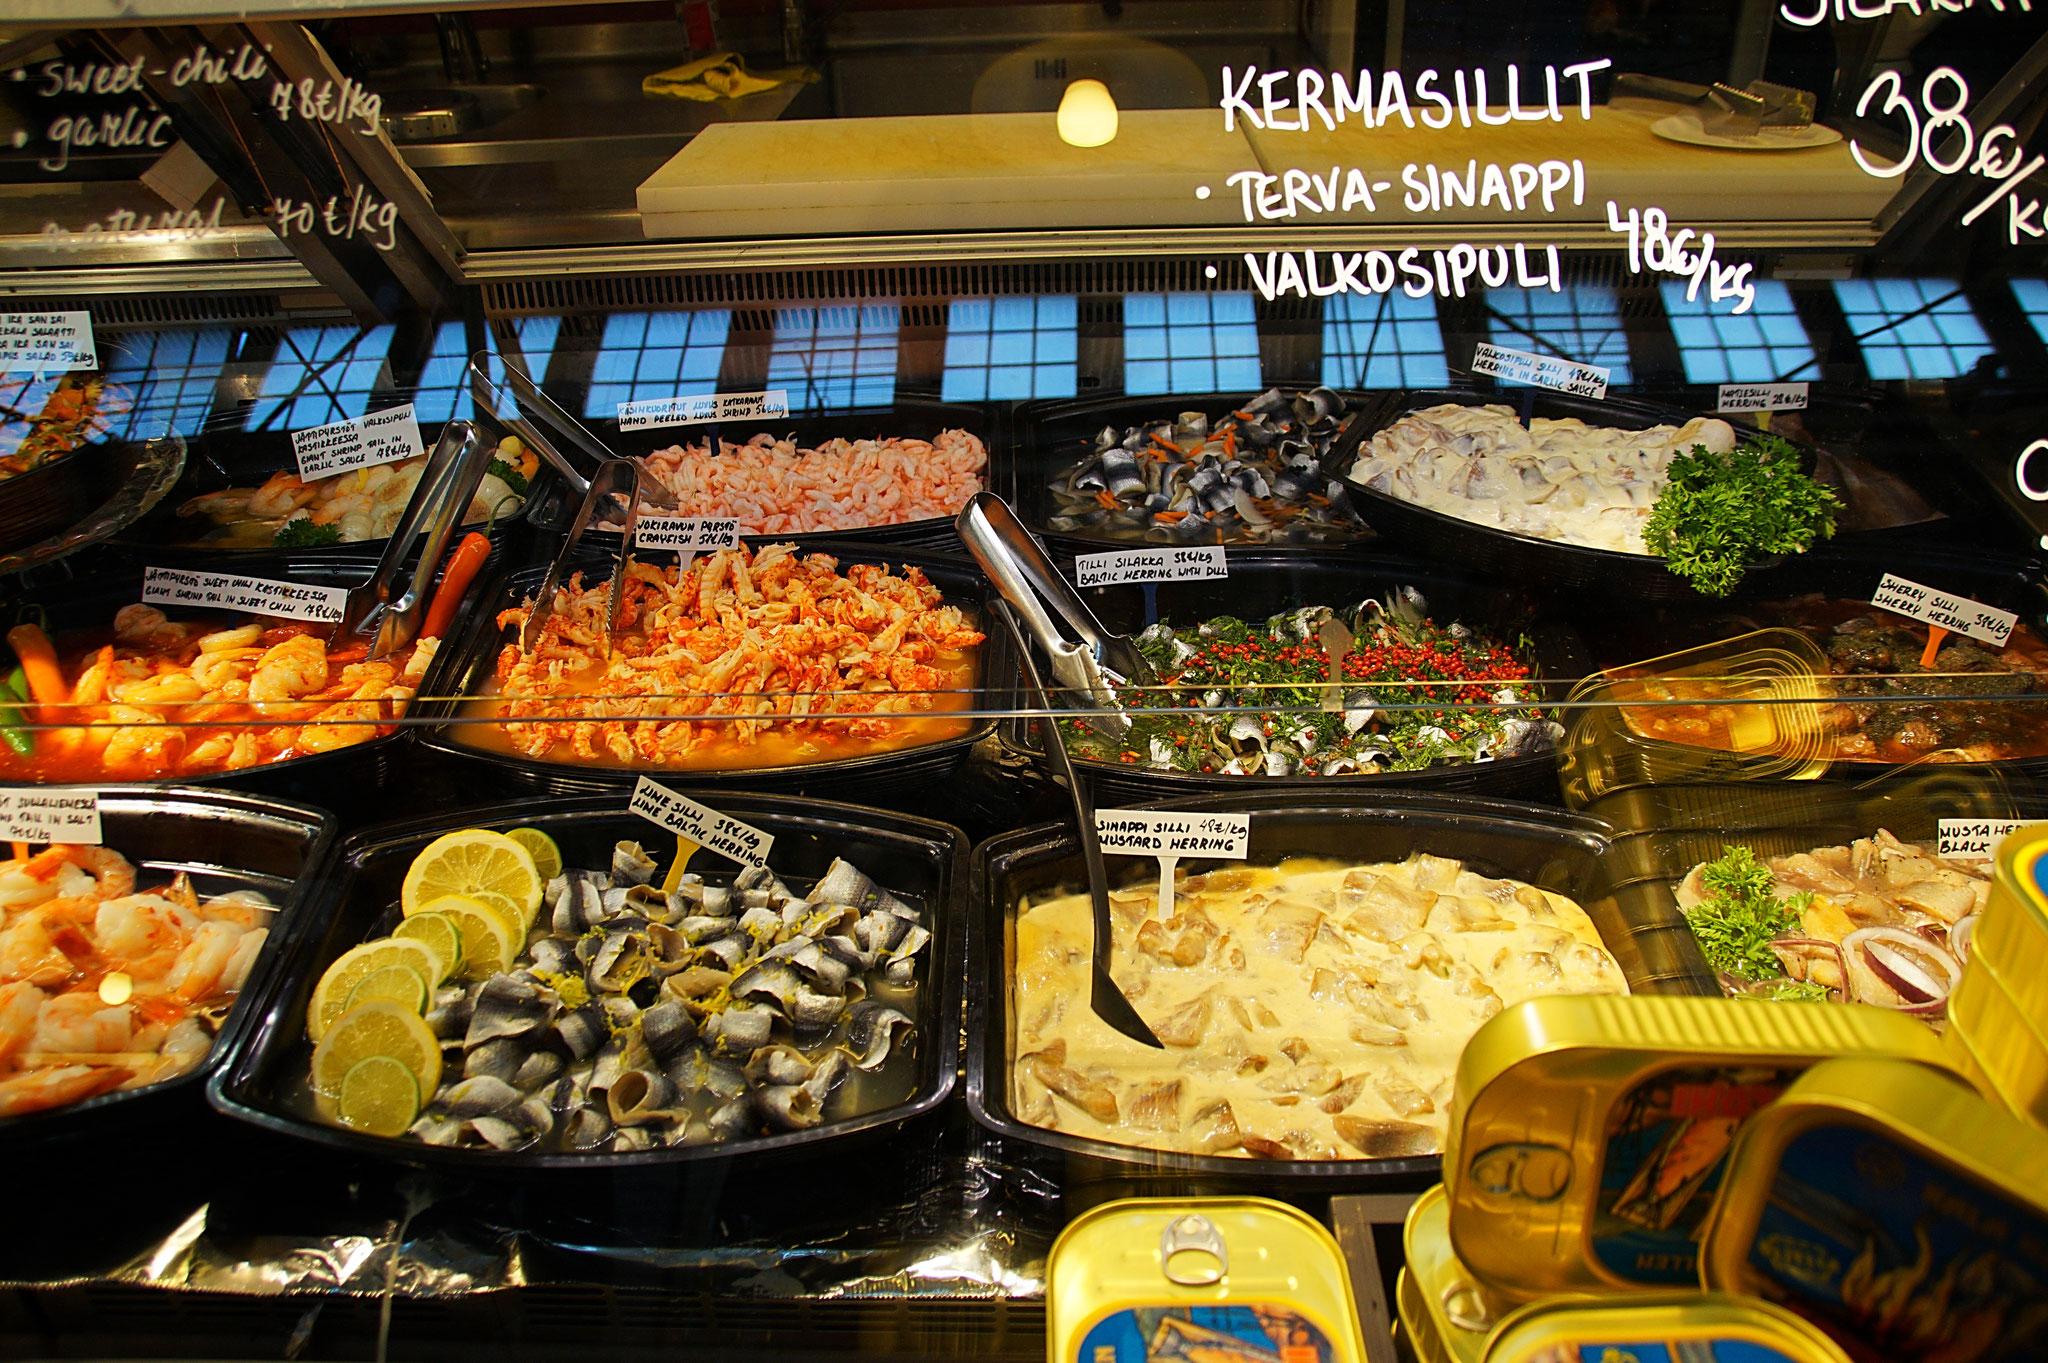 Der Central Market von Adelaide war für uns die TOP-Sehenswürdigkeit. Leider haben wir kein Foto davon. Dafür aber von einem Marktstand in Helsinki. Sieht auch lecker aus, oder?